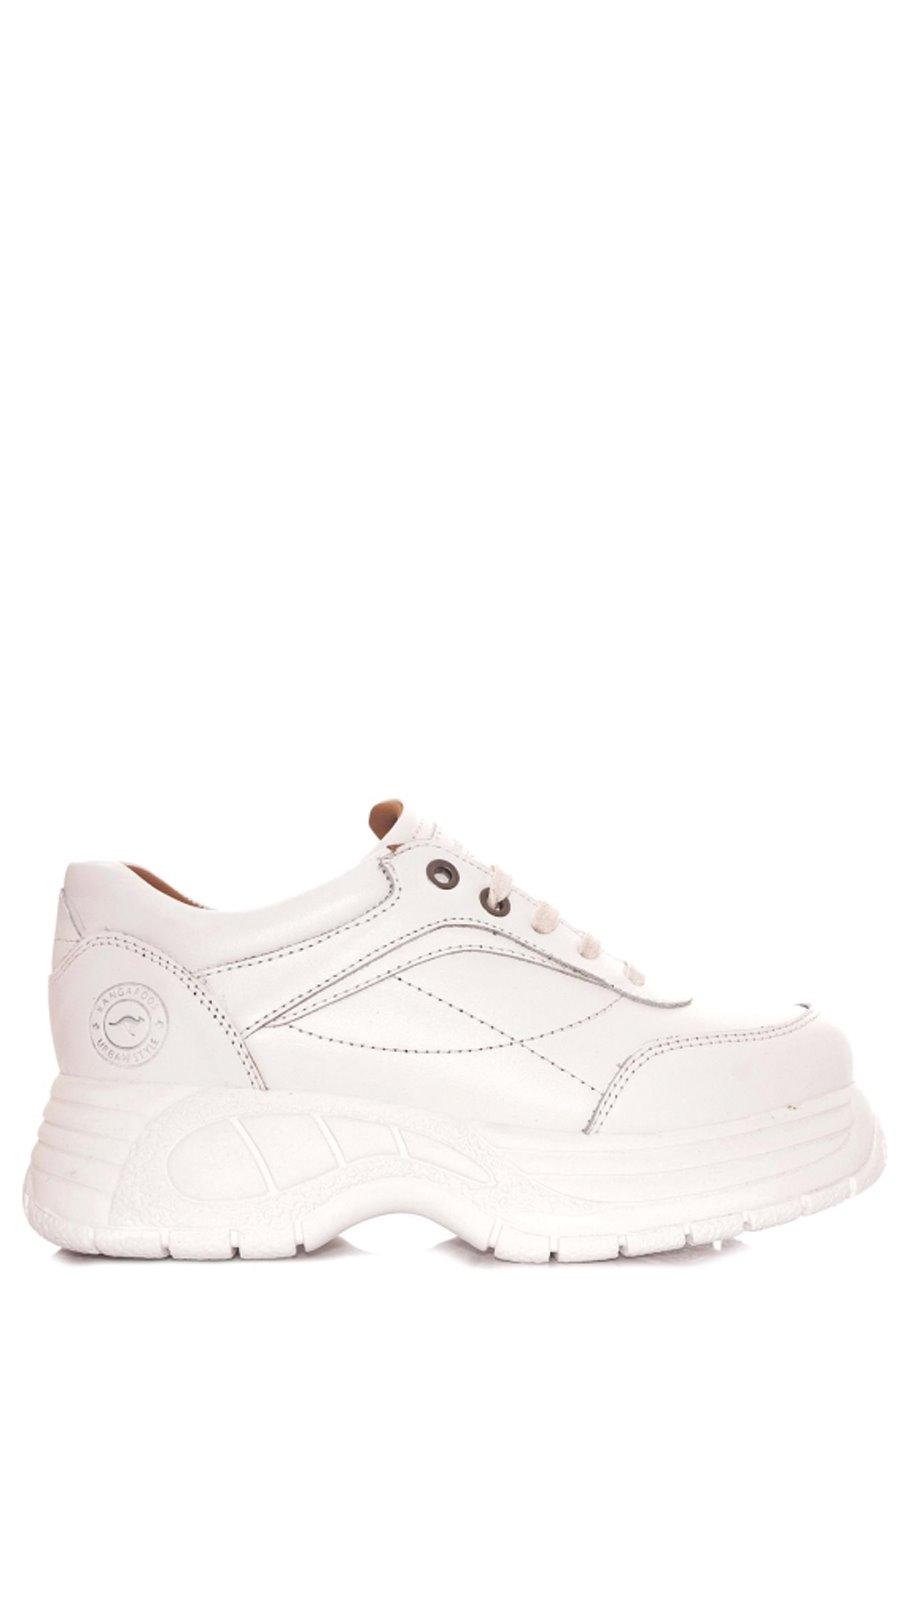 Peculiar desinfectar étnico  Zapatillas Balenciaga Triple S para todos los bolsillos